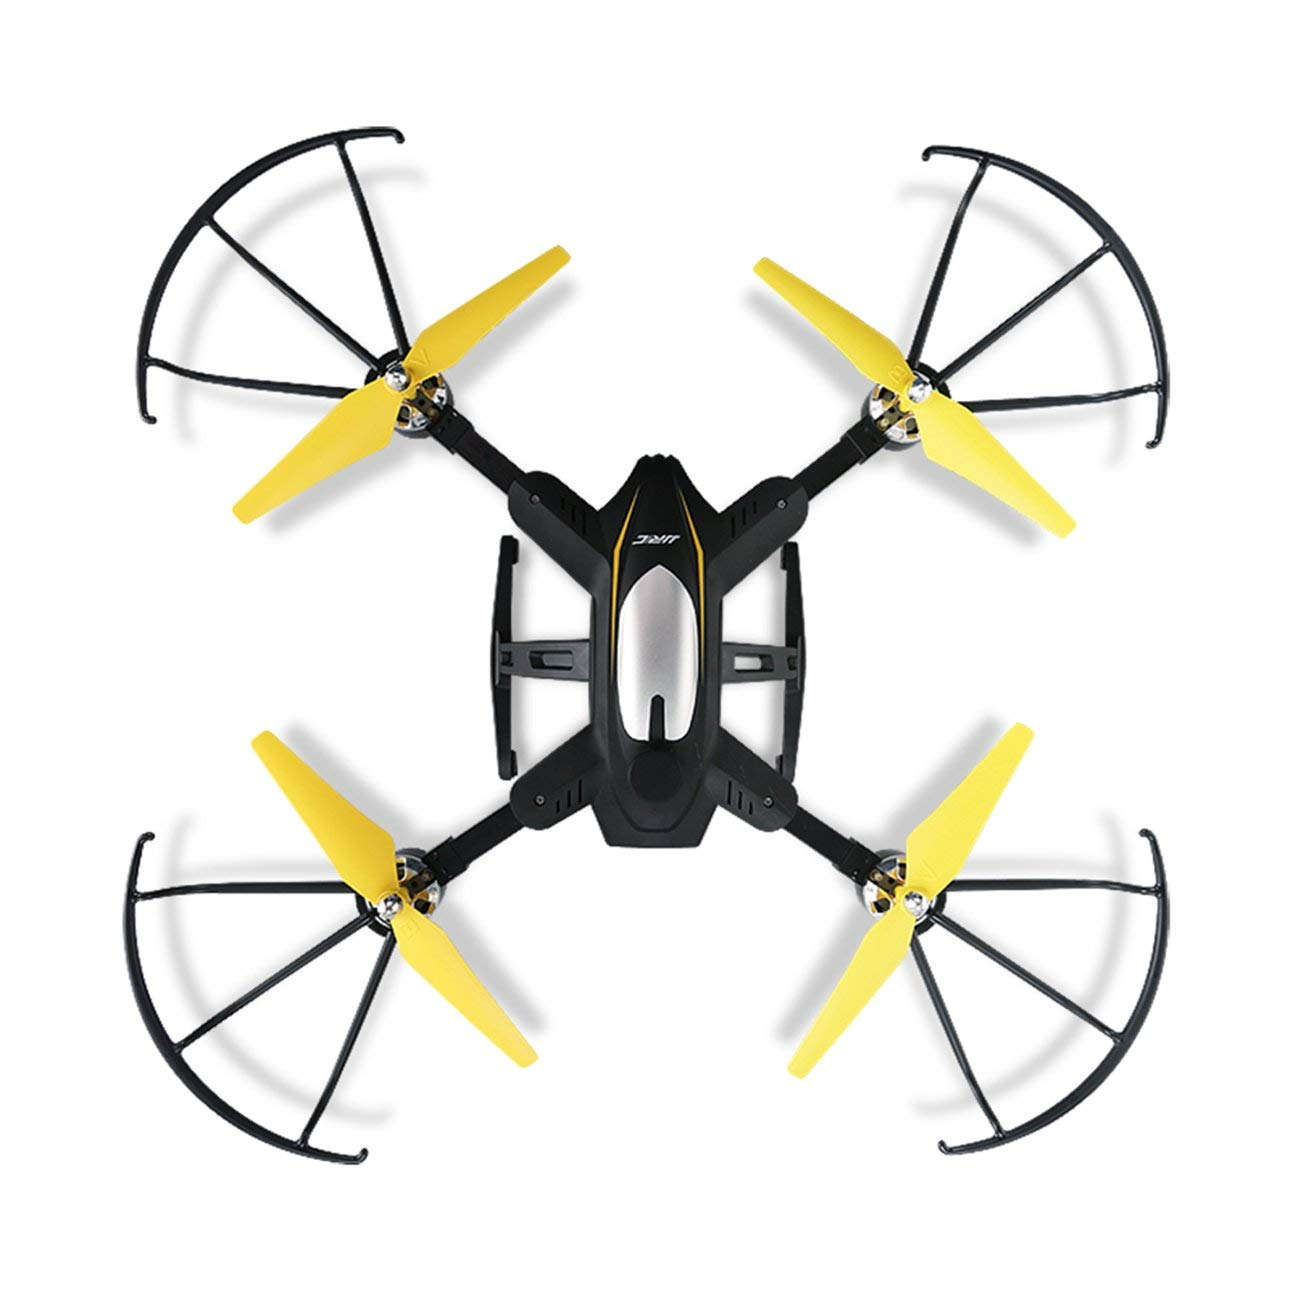 Drohne mit Kamera JJR / C H39WH 2,4 G Selfie FPV RC Faltbare Drohne mit Höhe Halten 720 P Kamera von Ballylely (Schwarz)